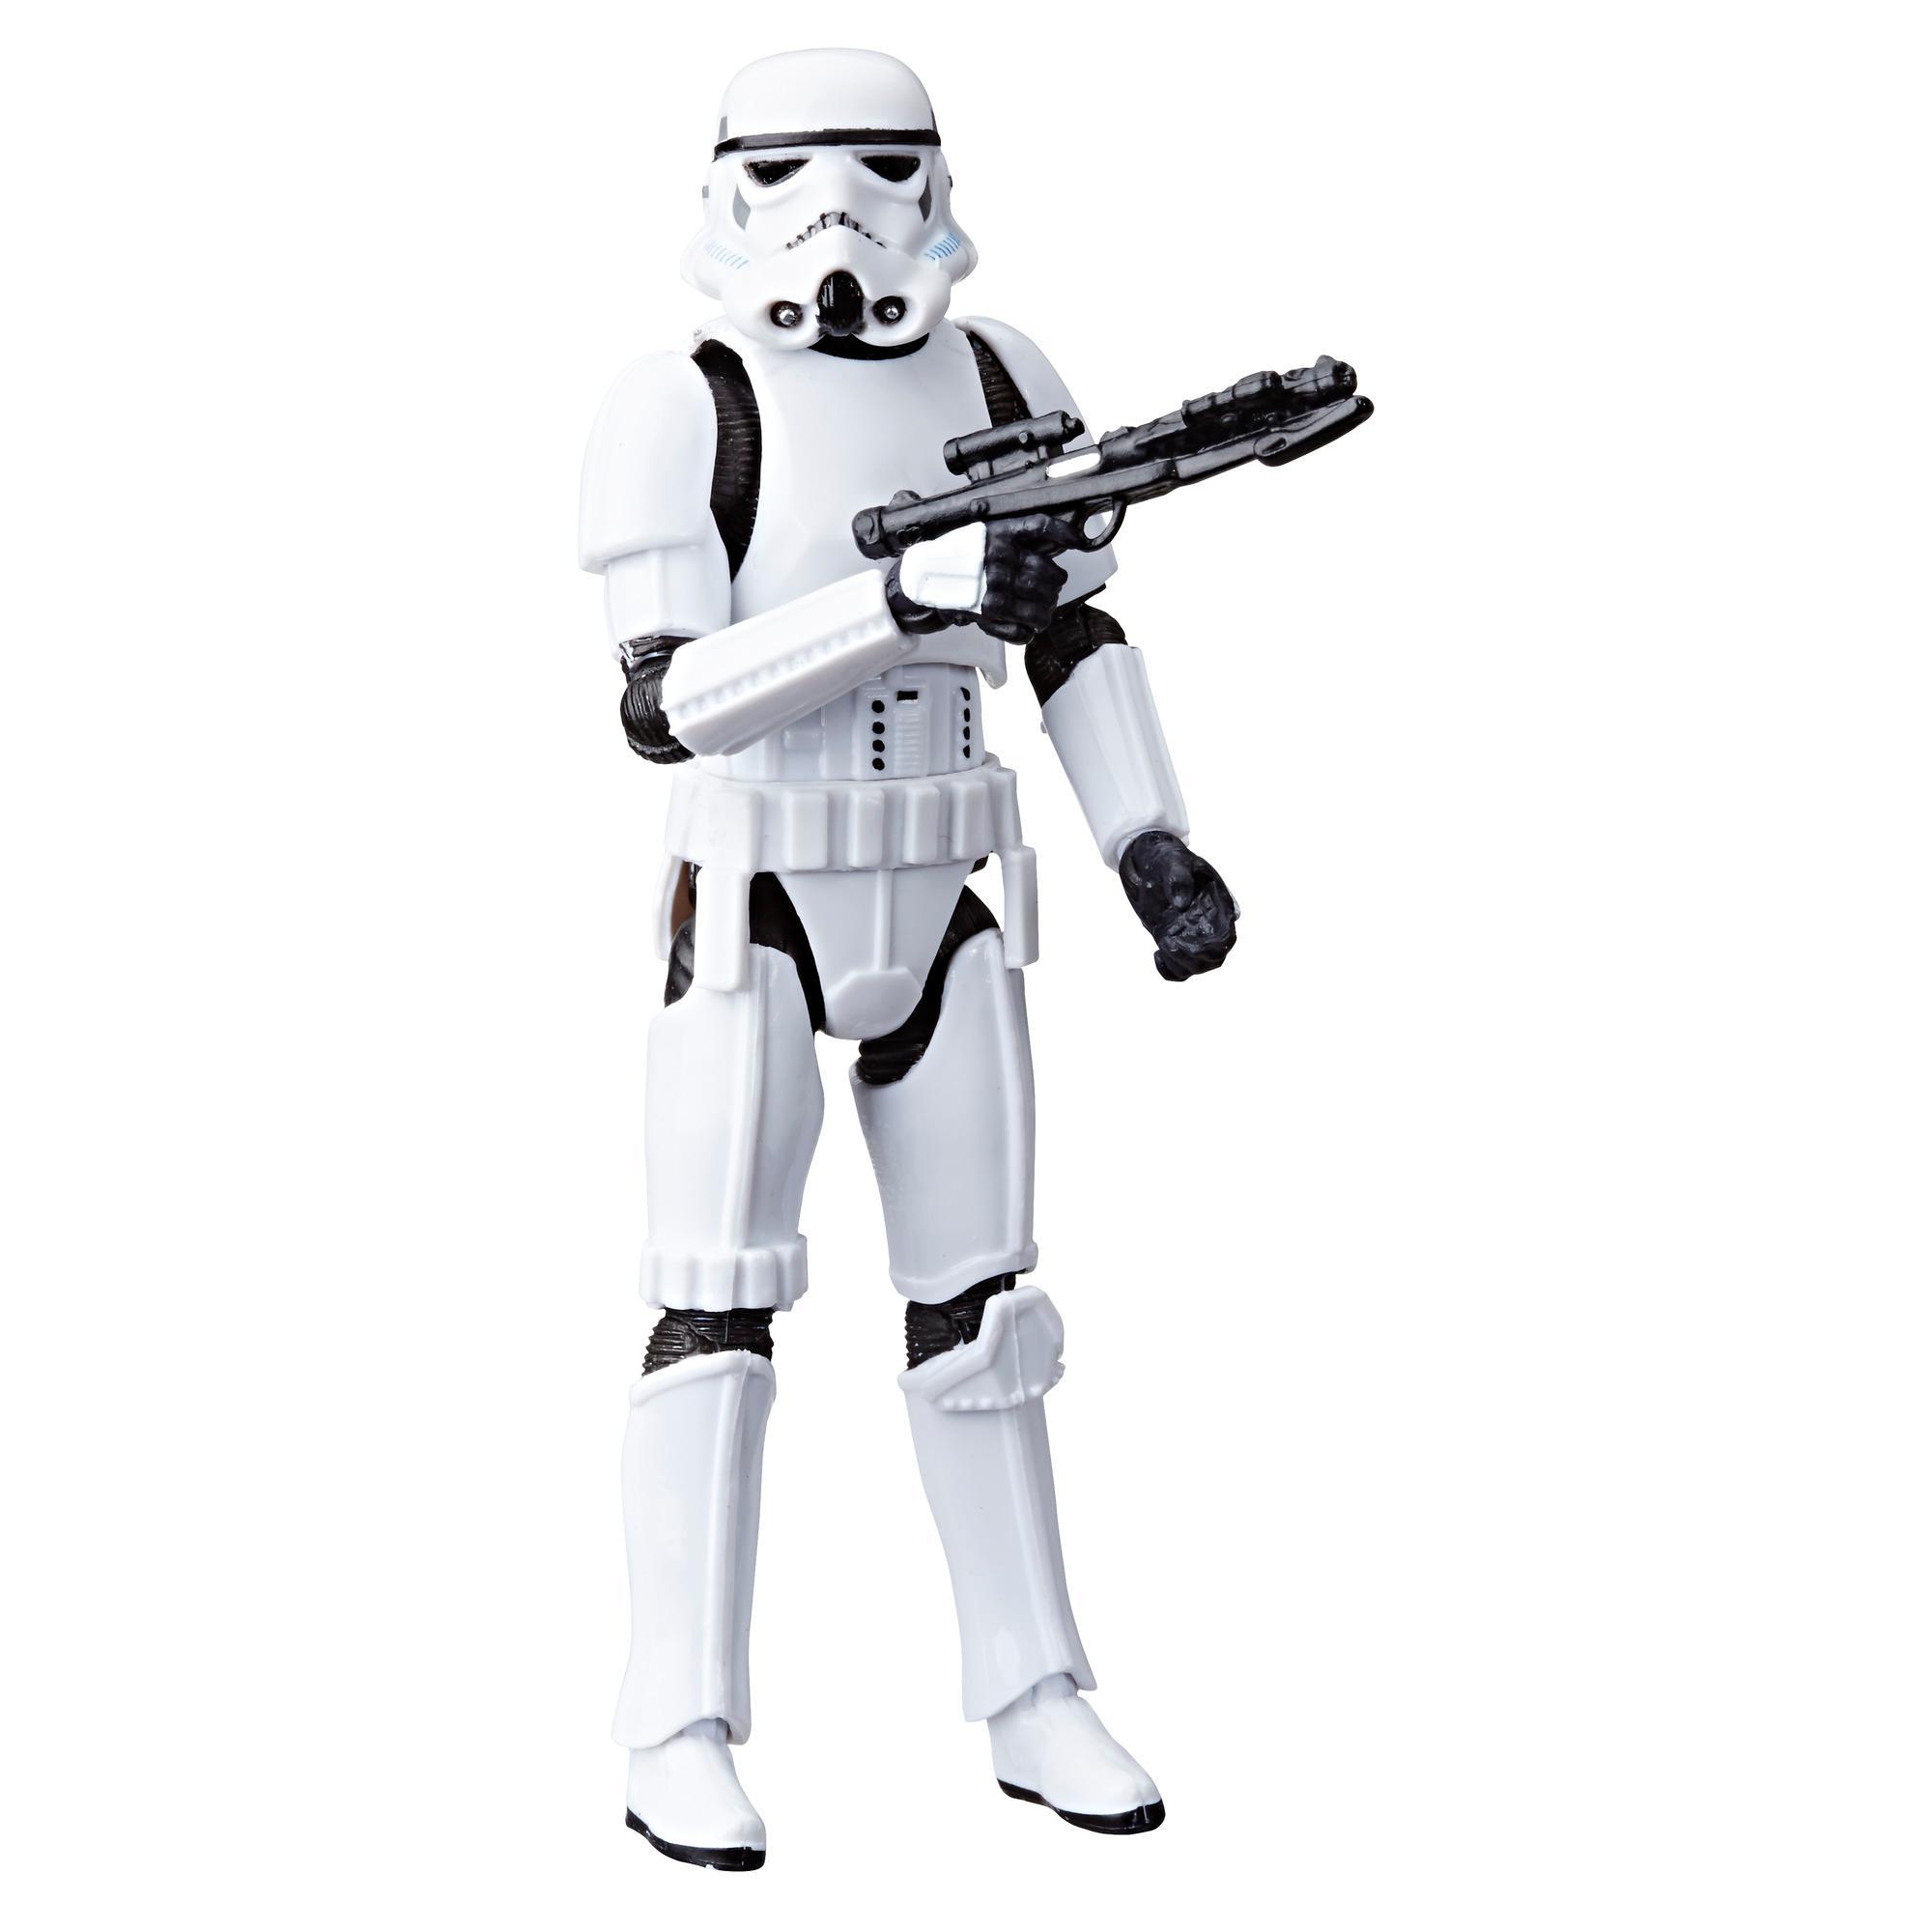 Star Wars La Collezione Vintage Rogue One: A Star Wars Story Figura Stormtrooper Imperiale di 9,5 cm